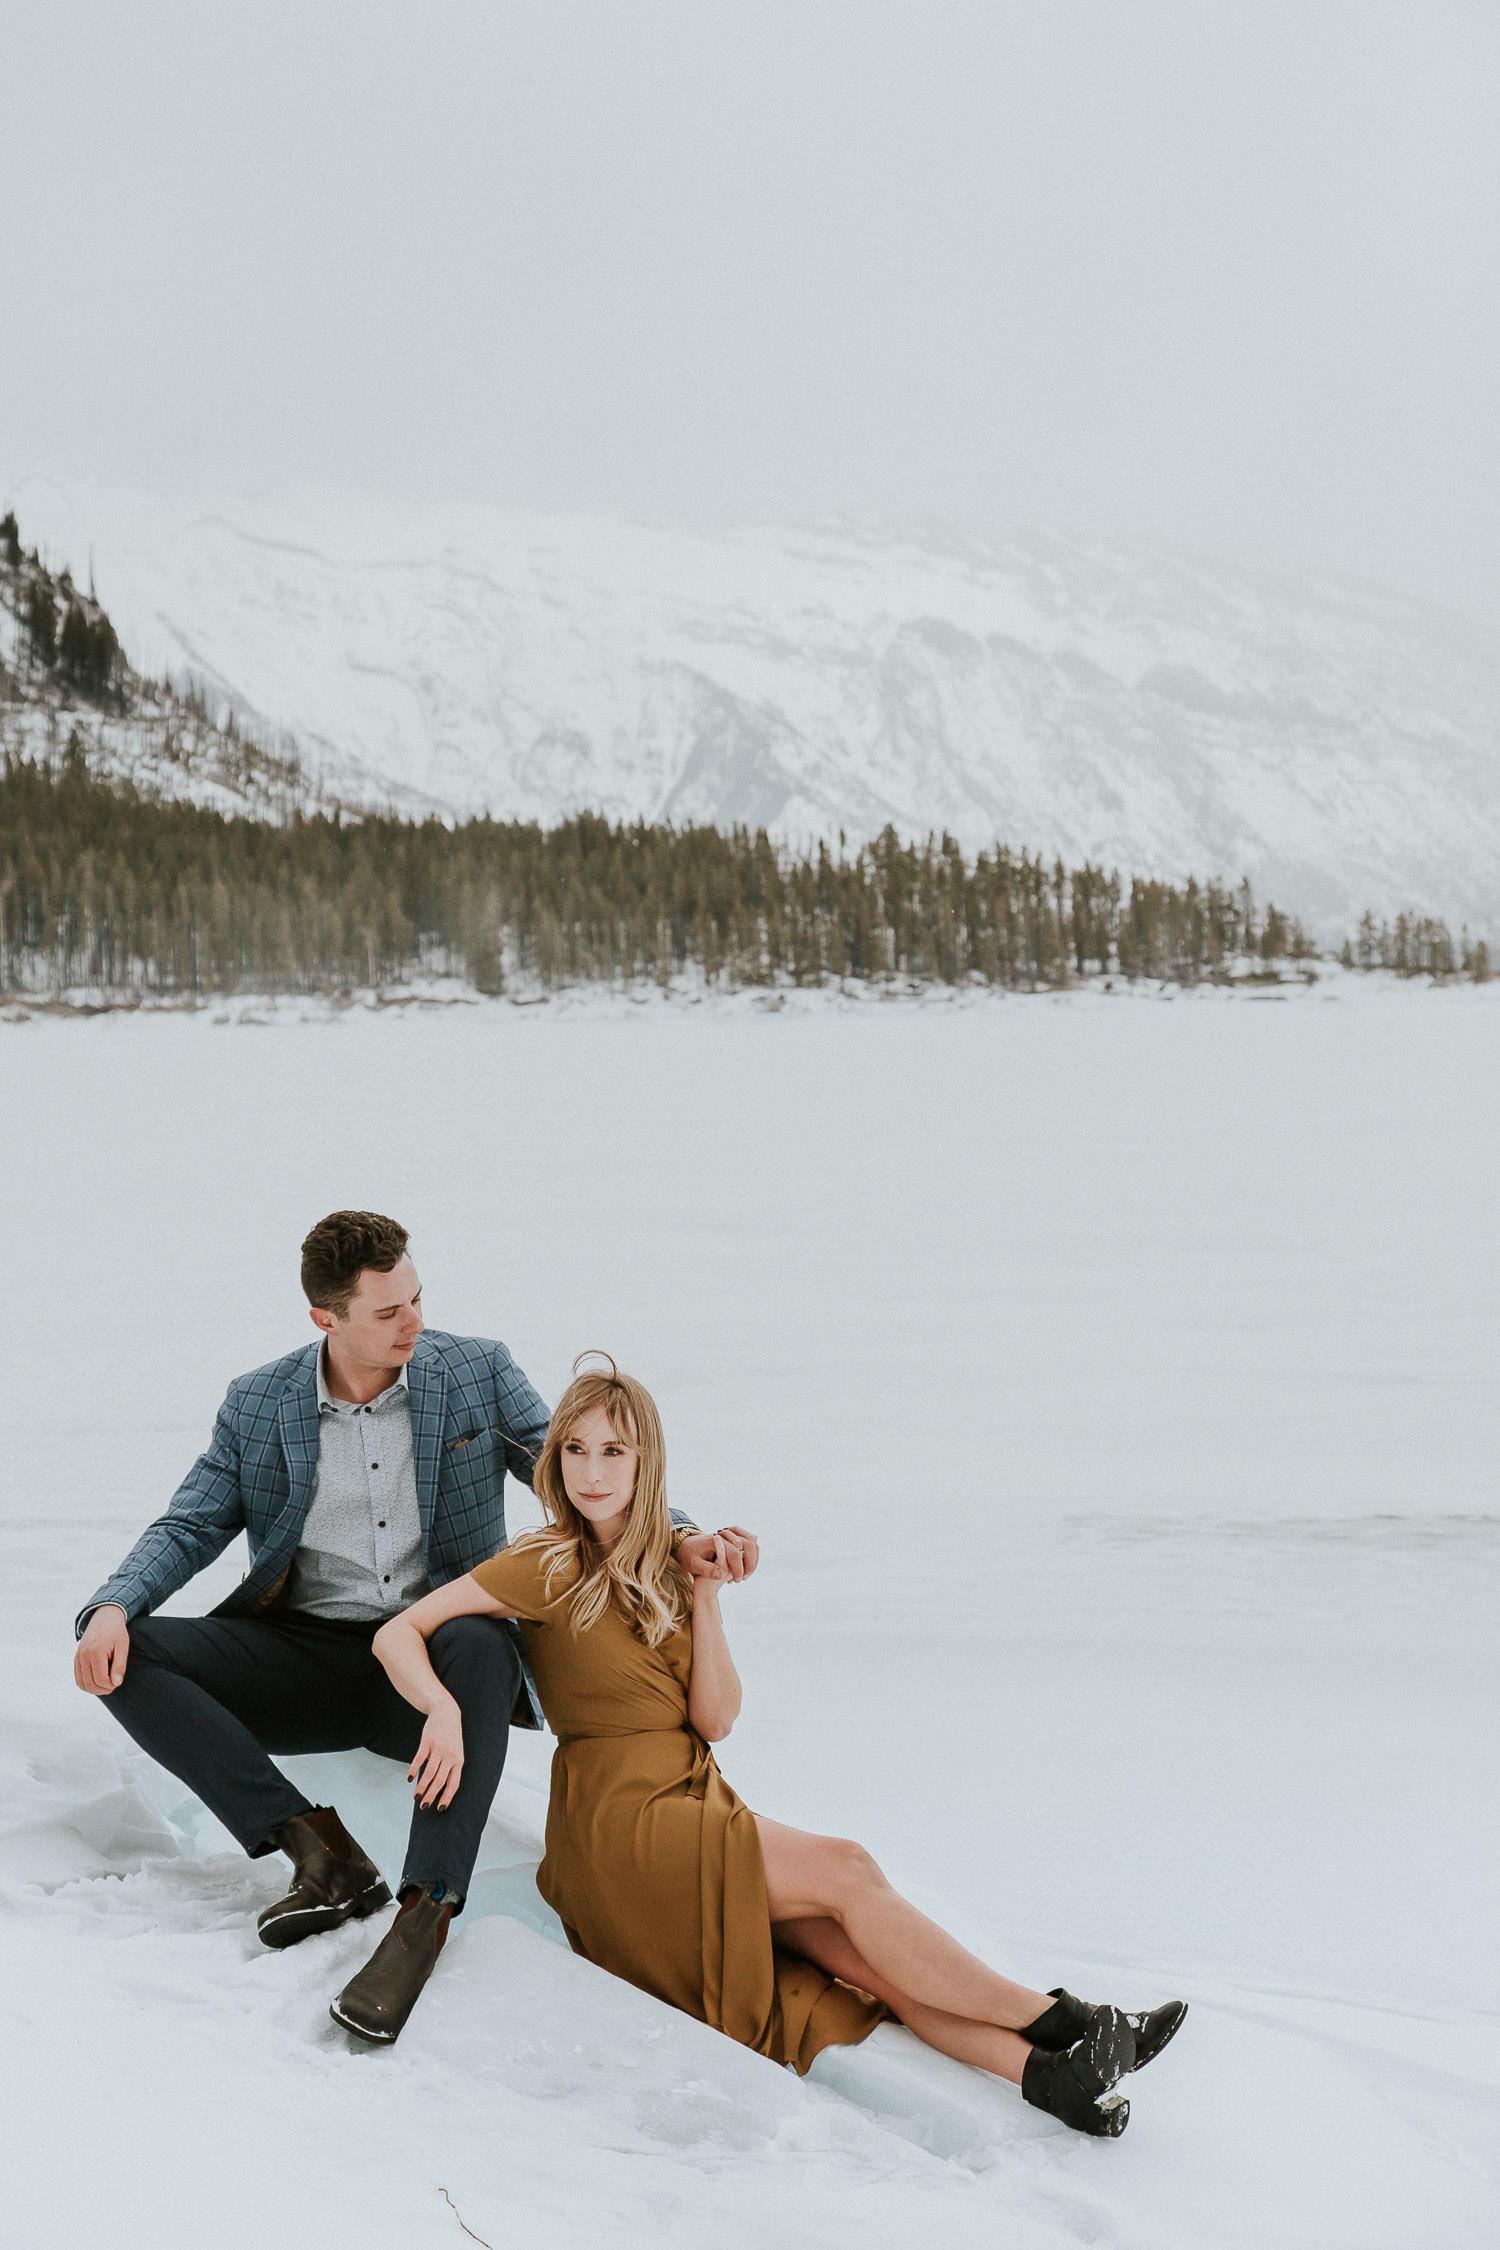 Engagement Photos with Banff Photographer Sarah Pukin. 2